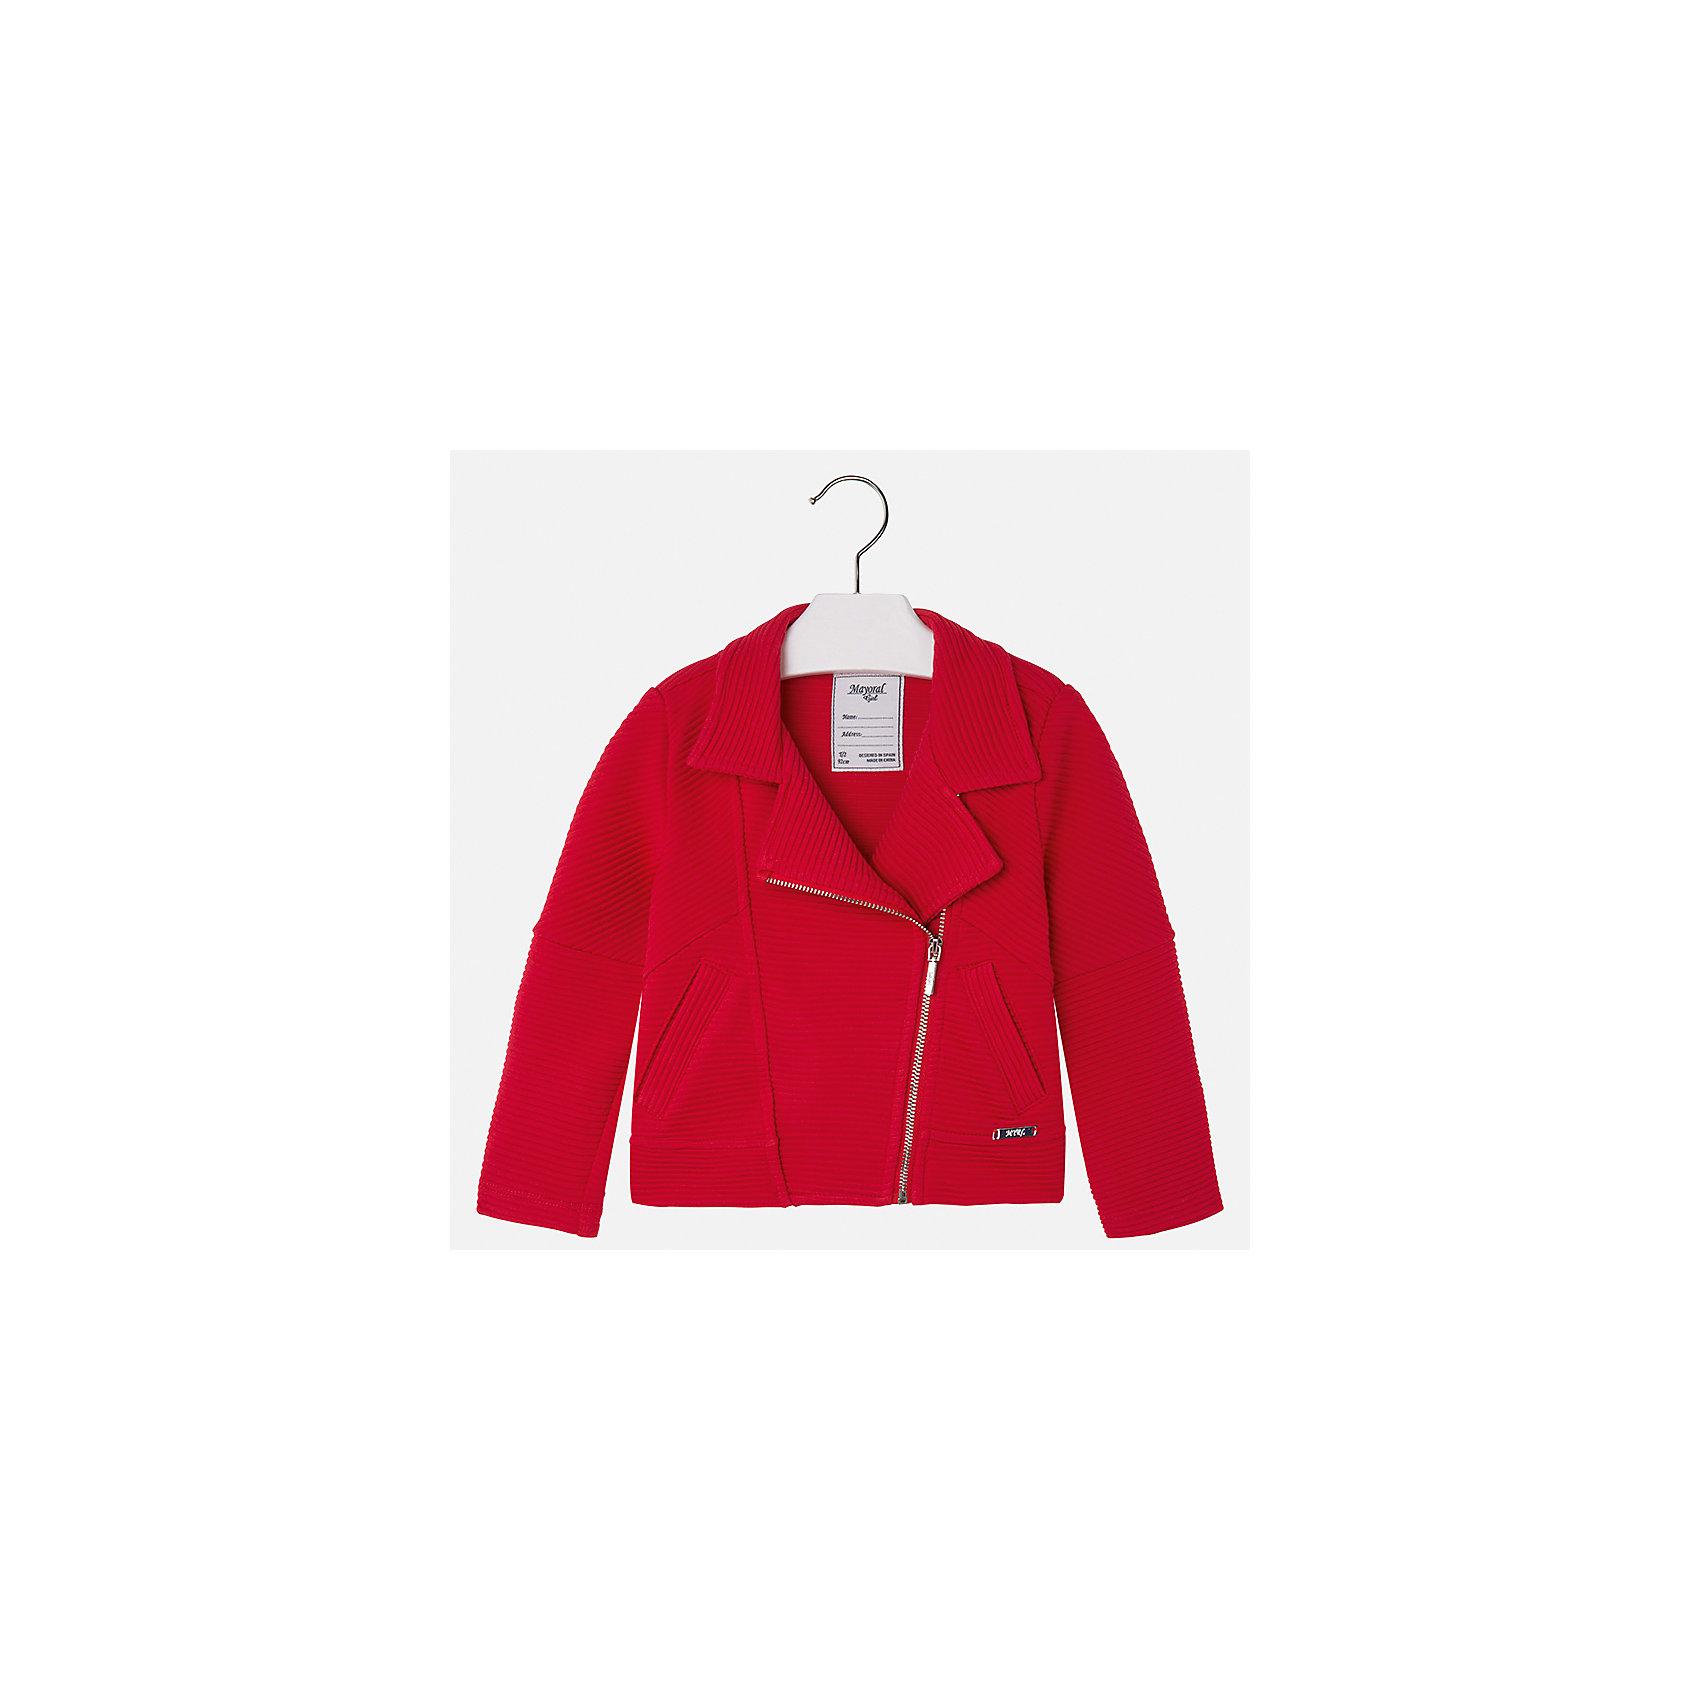 Пиджак для девочки MayoralКостюмы и пиджаки<br>Характеристики товара:<br><br>• цвет: красный<br>• состав: 82% полиэстер, 17% вискоза, 1% эластан<br>• косая молния<br>• карманы<br>• с длинными рукавами <br>• фактурная ткань<br>• страна бренда: Испания<br><br>Стильный пиджак для девочки поможет разнообразить гардероб ребенка и украсить наряд. Он отлично сочетается и с юбками, и с брюками. Яркий цвет позволяет подобрать к вещи низ различных расцветок. Интересная отделка модели делает её нарядной и оригинальной.<br><br>Одежда, обувь и аксессуары от испанского бренда Mayoral полюбились детям и взрослым по всему миру. Модели этой марки - стильные и удобные. Для их производства используются только безопасные, качественные материалы и фурнитура. Порадуйте ребенка модными и красивыми вещами от Mayoral! <br><br>Пиджак для девочки от испанского бренда Mayoral (Майорал) можно купить в нашем интернет-магазине.<br><br>Ширина мм: 247<br>Глубина мм: 16<br>Высота мм: 140<br>Вес г: 225<br>Цвет: красный<br>Возраст от месяцев: 96<br>Возраст до месяцев: 108<br>Пол: Женский<br>Возраст: Детский<br>Размер: 134,98,104,110,116,122,128<br>SKU: 5290065